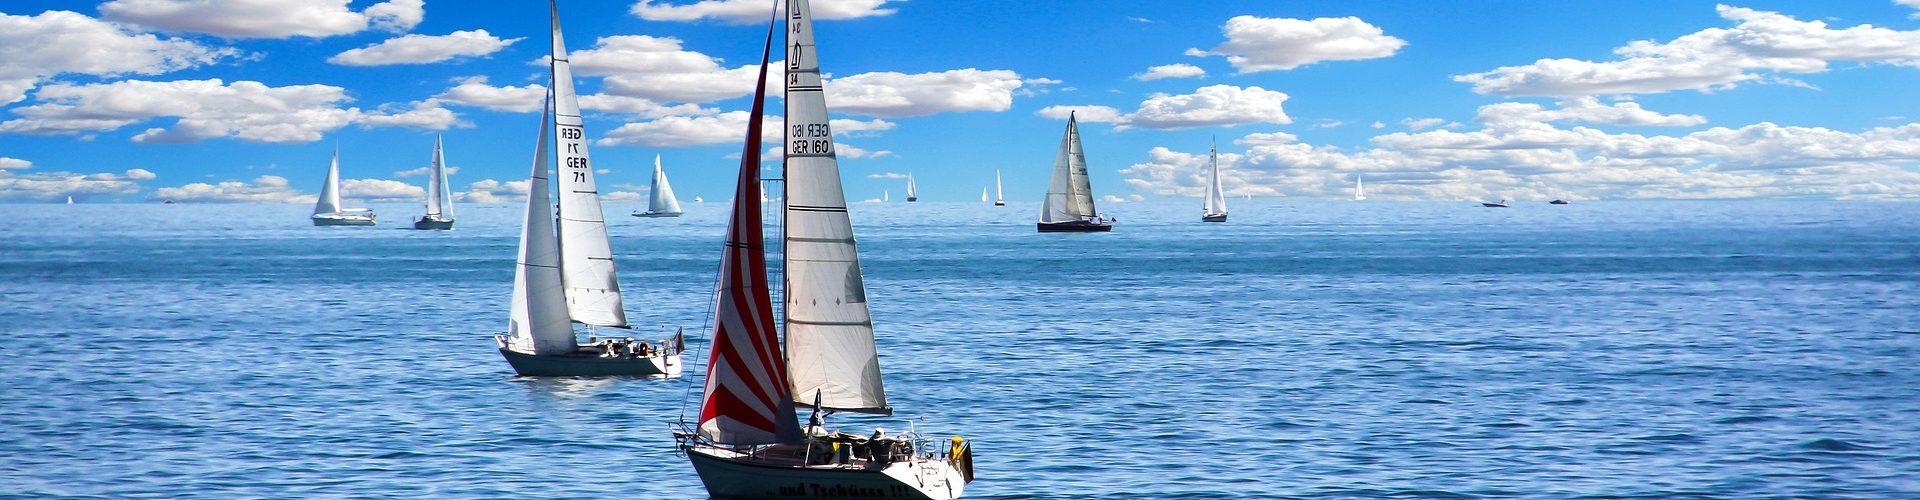 segeln lernen in Taching am See segelschein machen in Taching am See 1920x500 - Segeln lernen in Taching am See